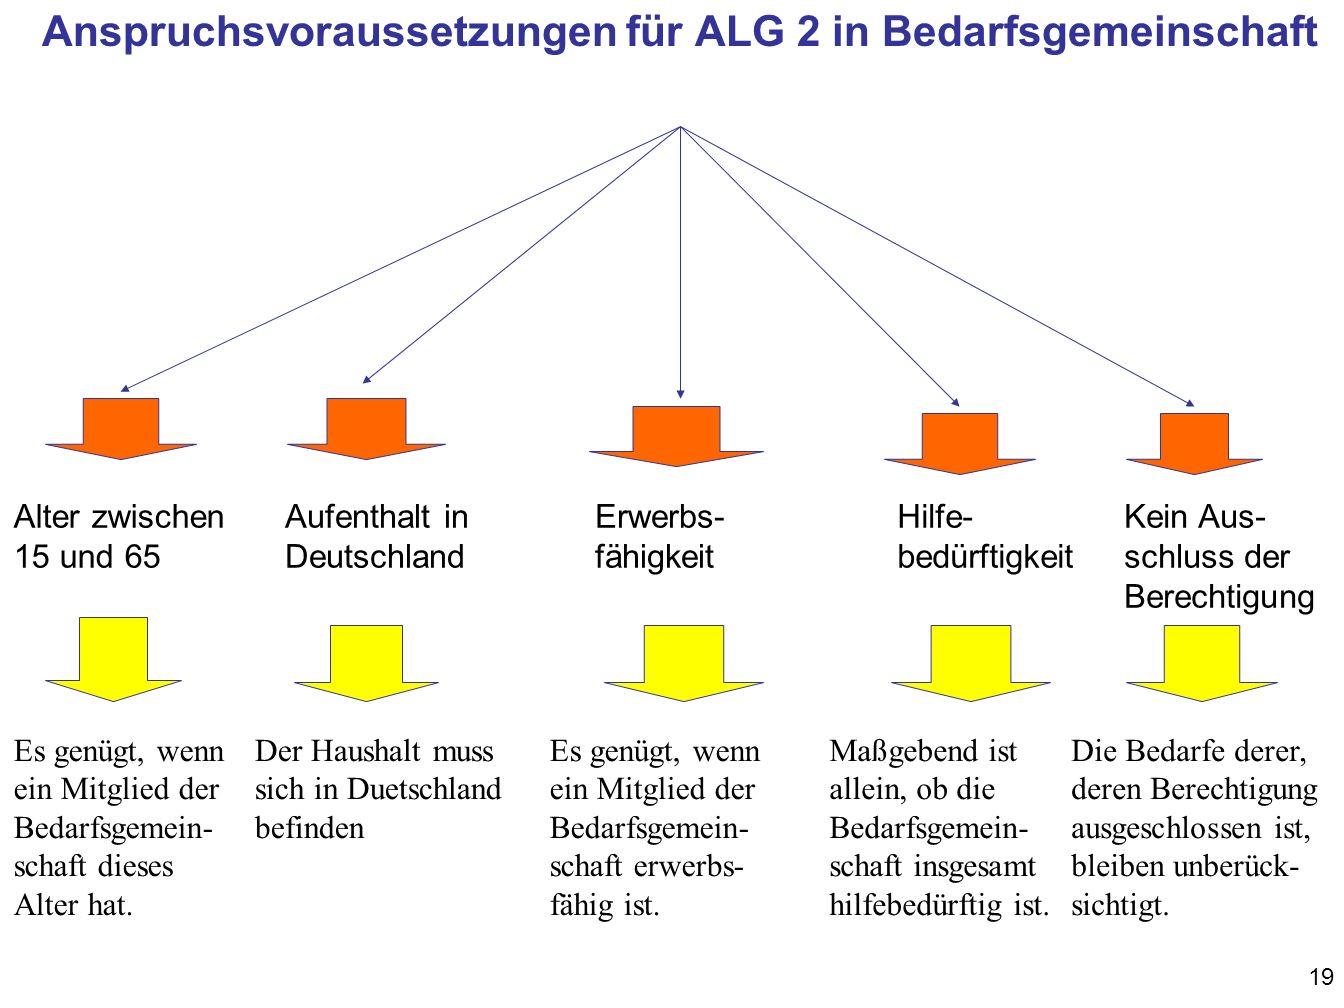 Anspruchsvoraussetzungen für ALG 2 in Bedarfsgemeinschaft